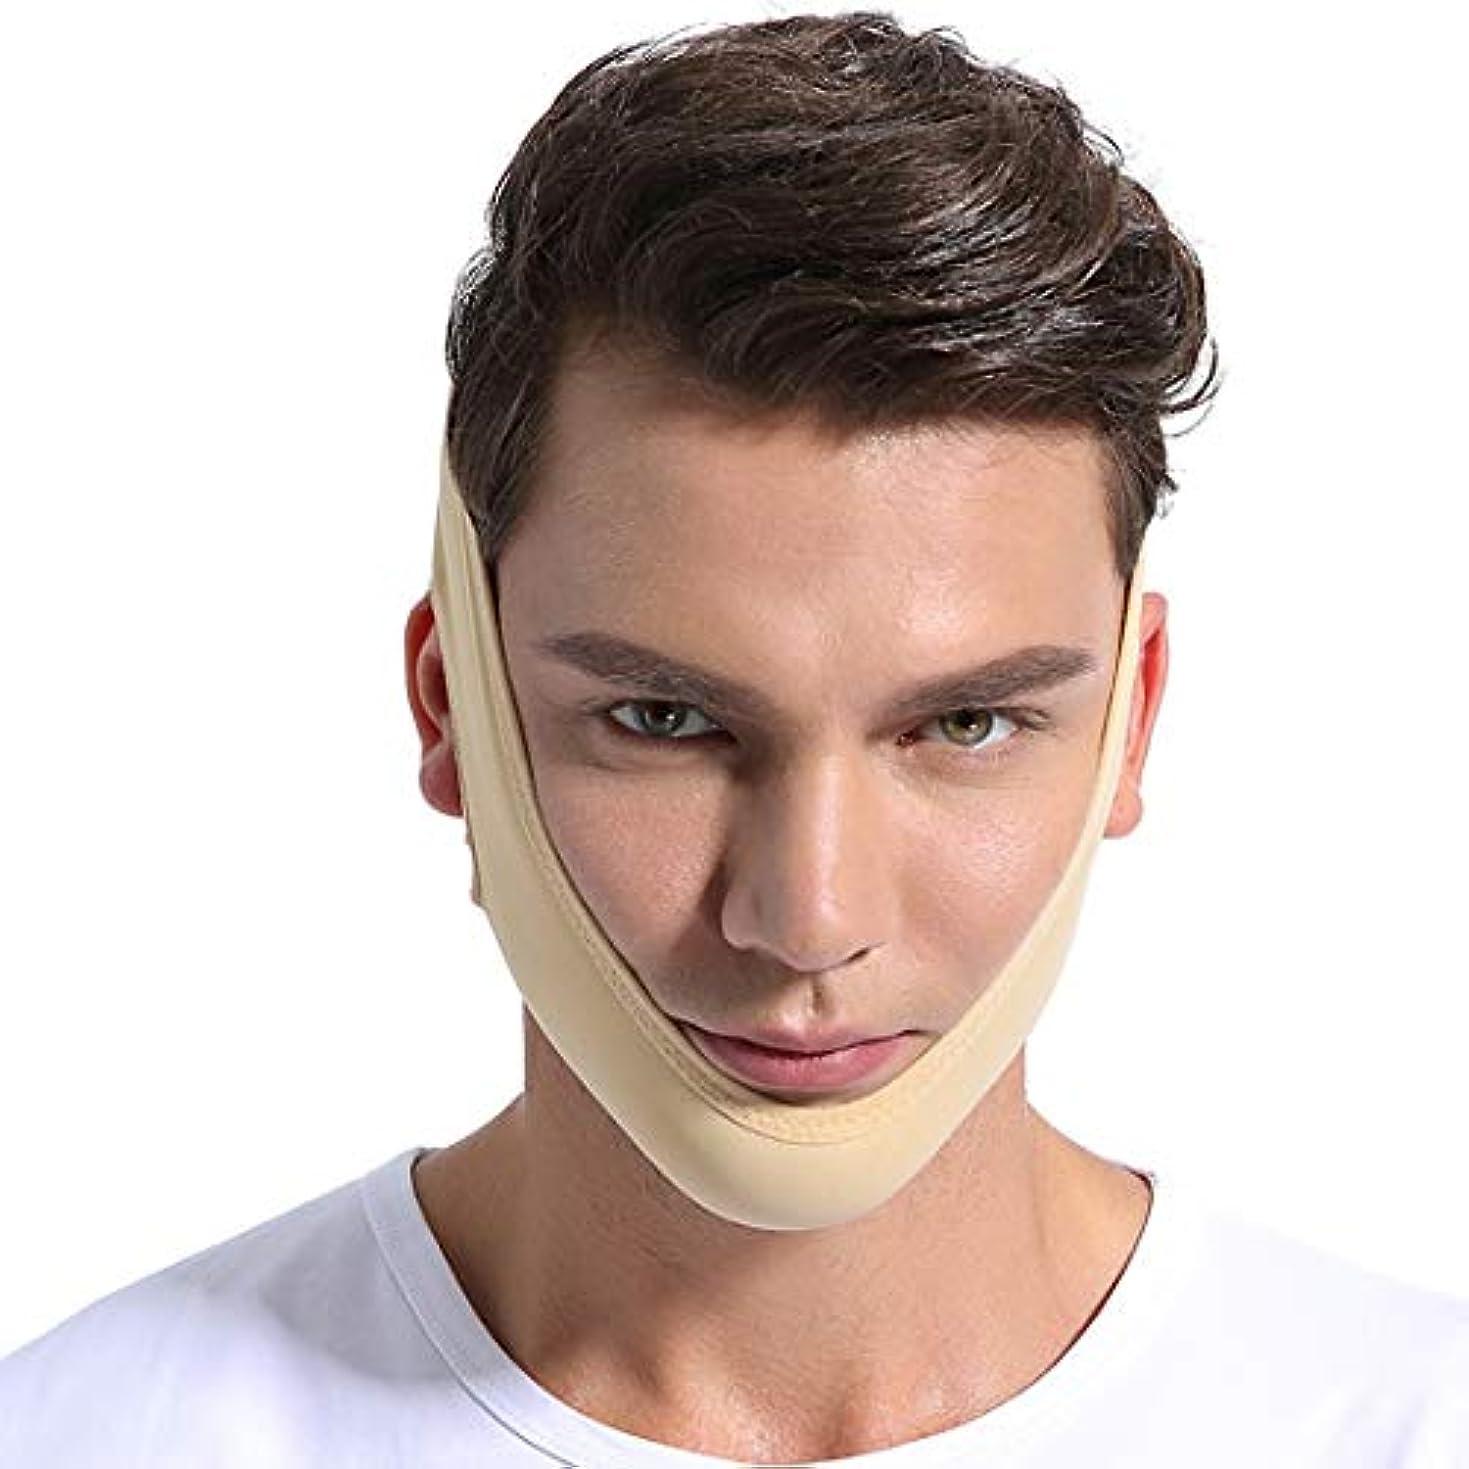 パンダ厚くする浴室ZWBD フェイスマスク, 薄い顔包帯医療フェイスライン彫刻術後回復リフティングマスク男性の女性の顔包帯ヘッドギアv顔薄い顔アーティファクト